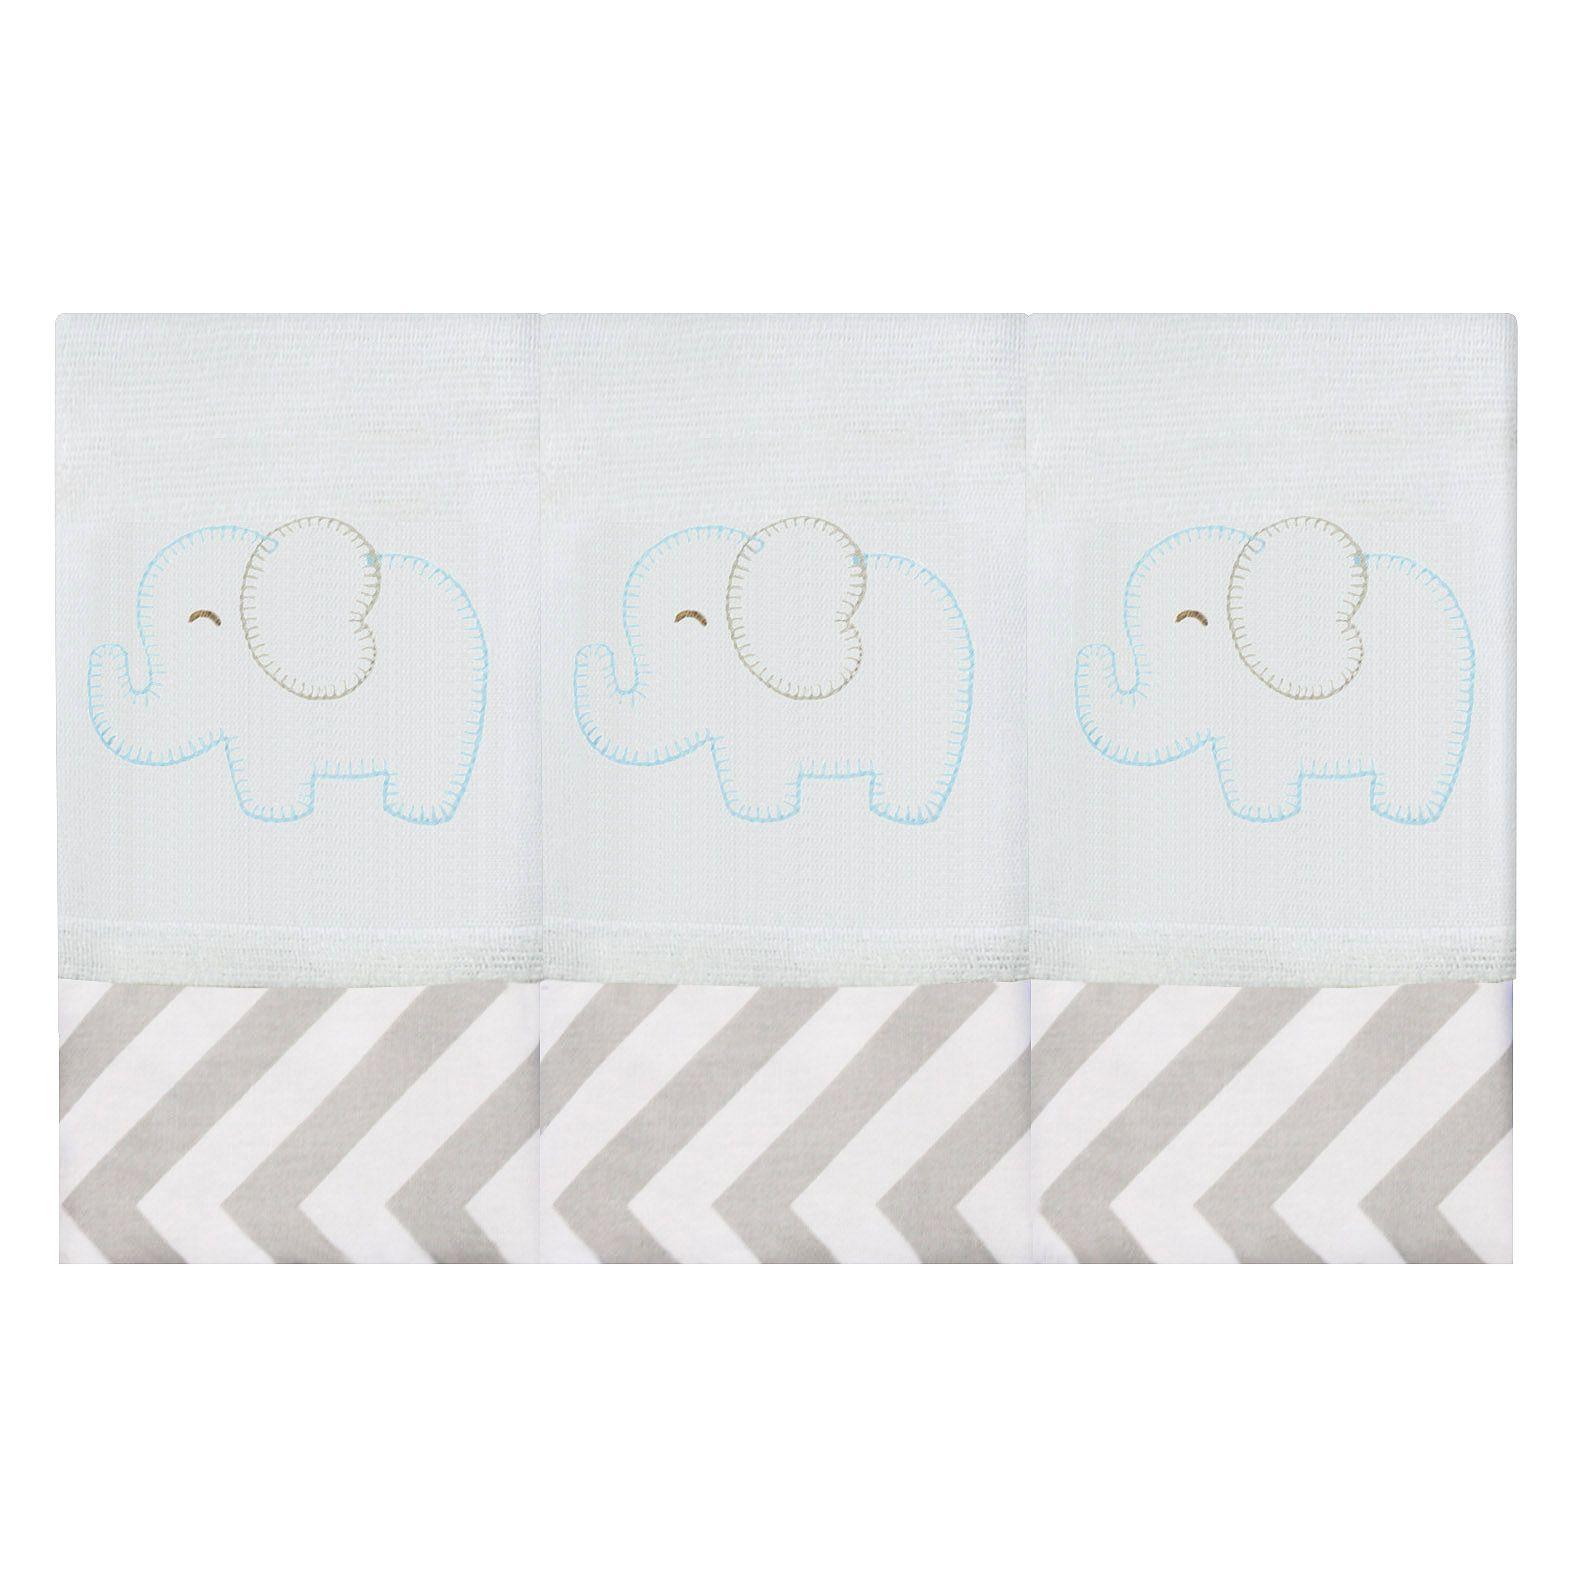 Babete Bordada 03 Pçs - Elefante Chevron Tiffany